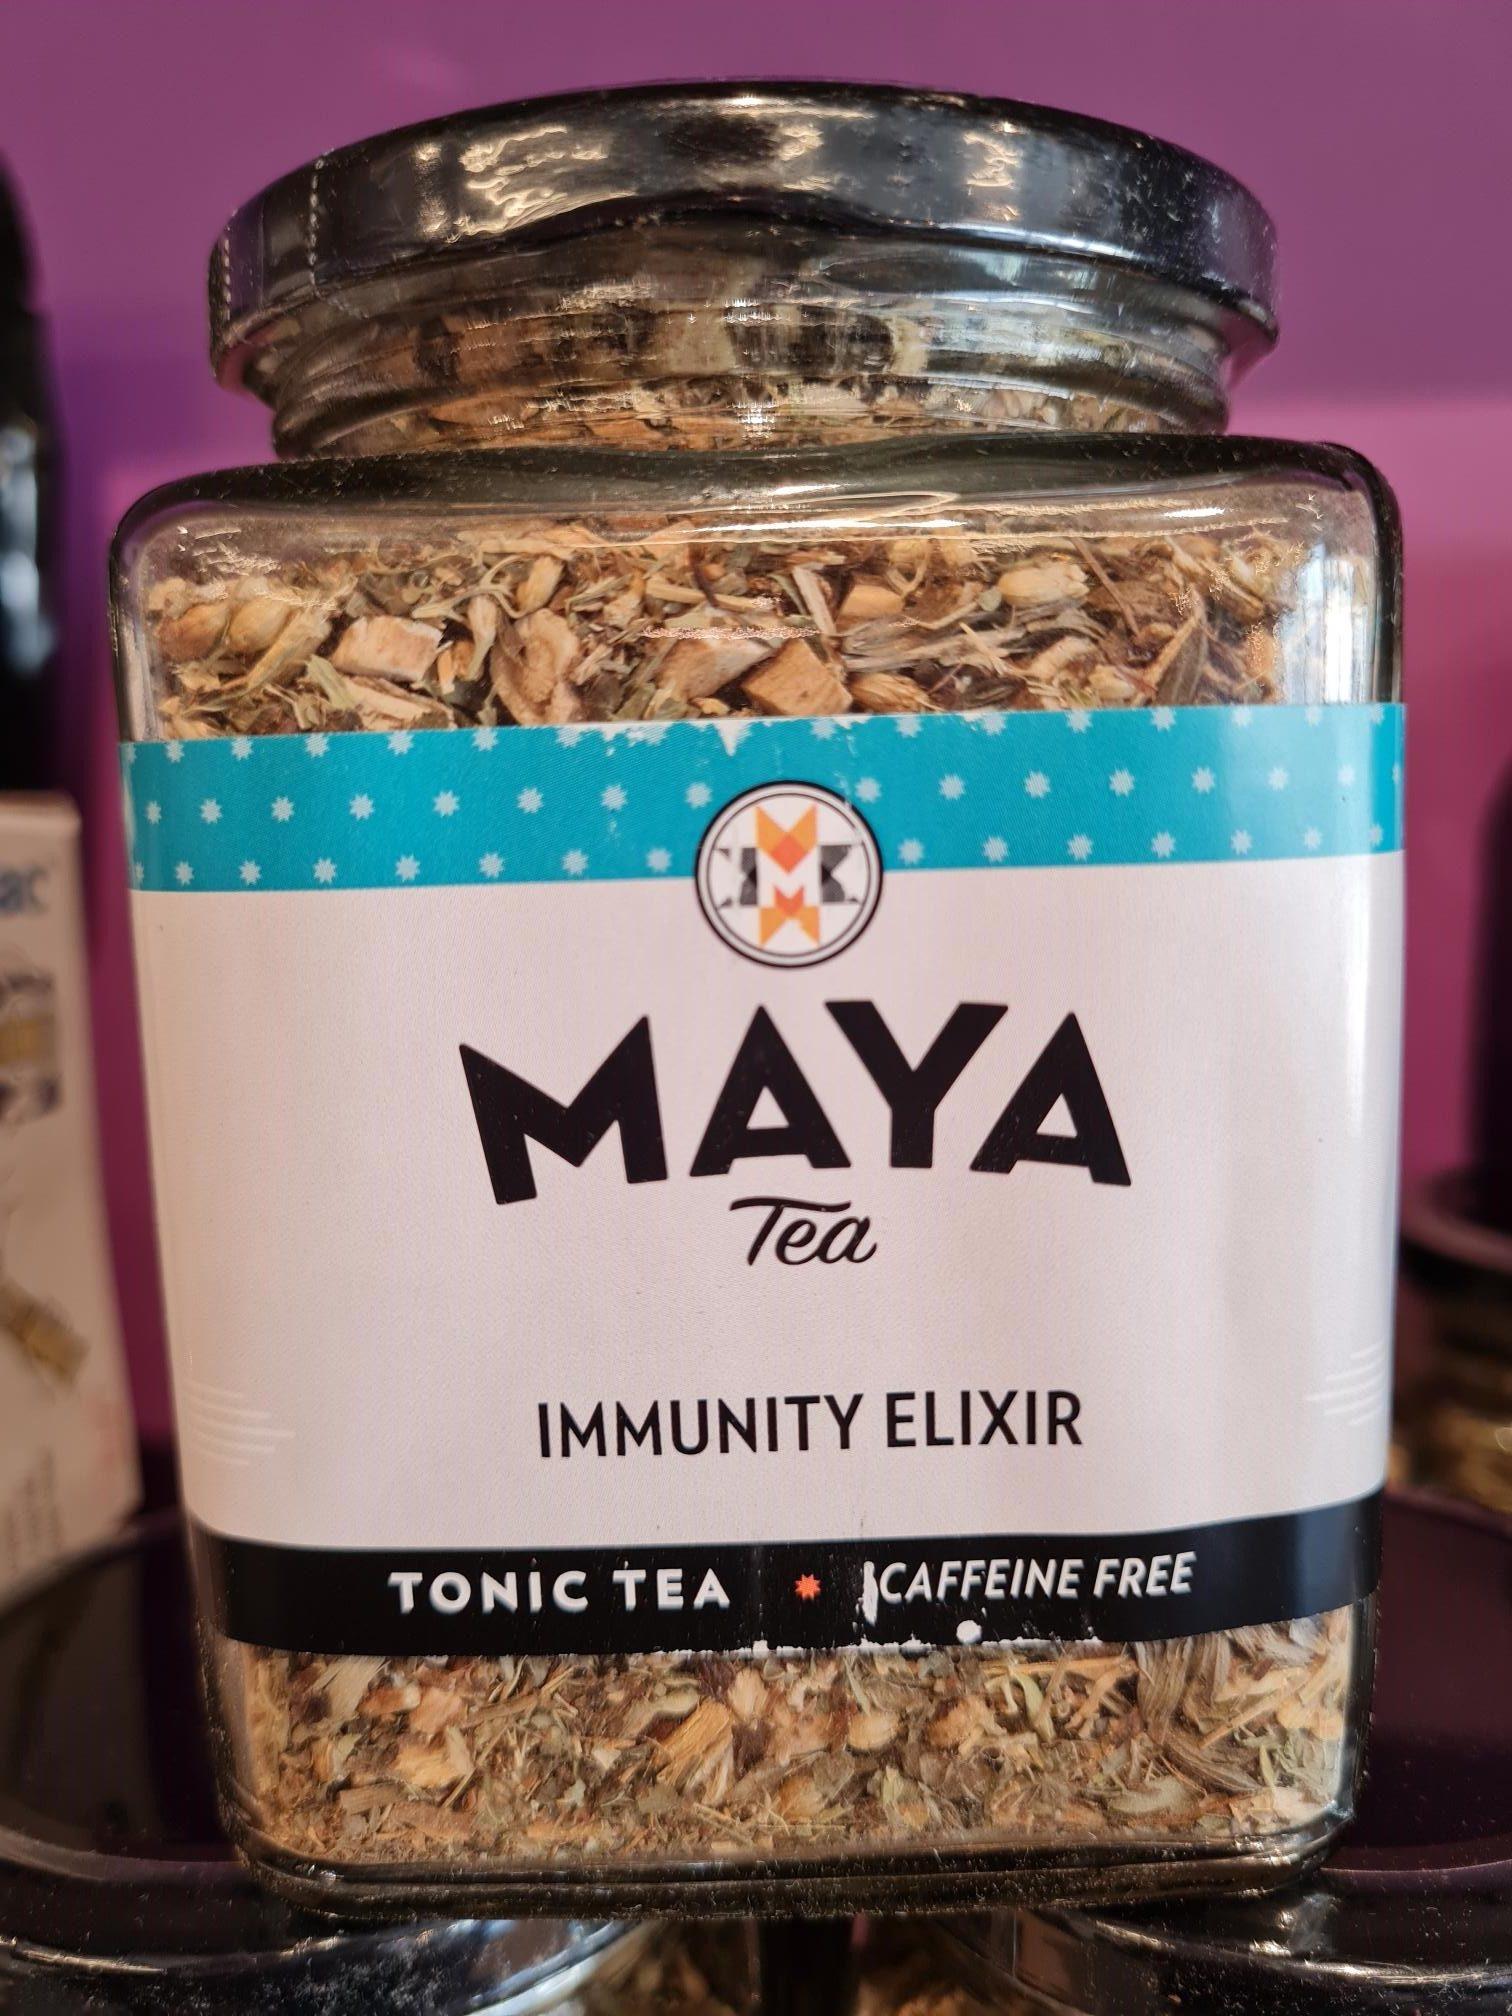 MAYA Immunity Elixir Loose Tea